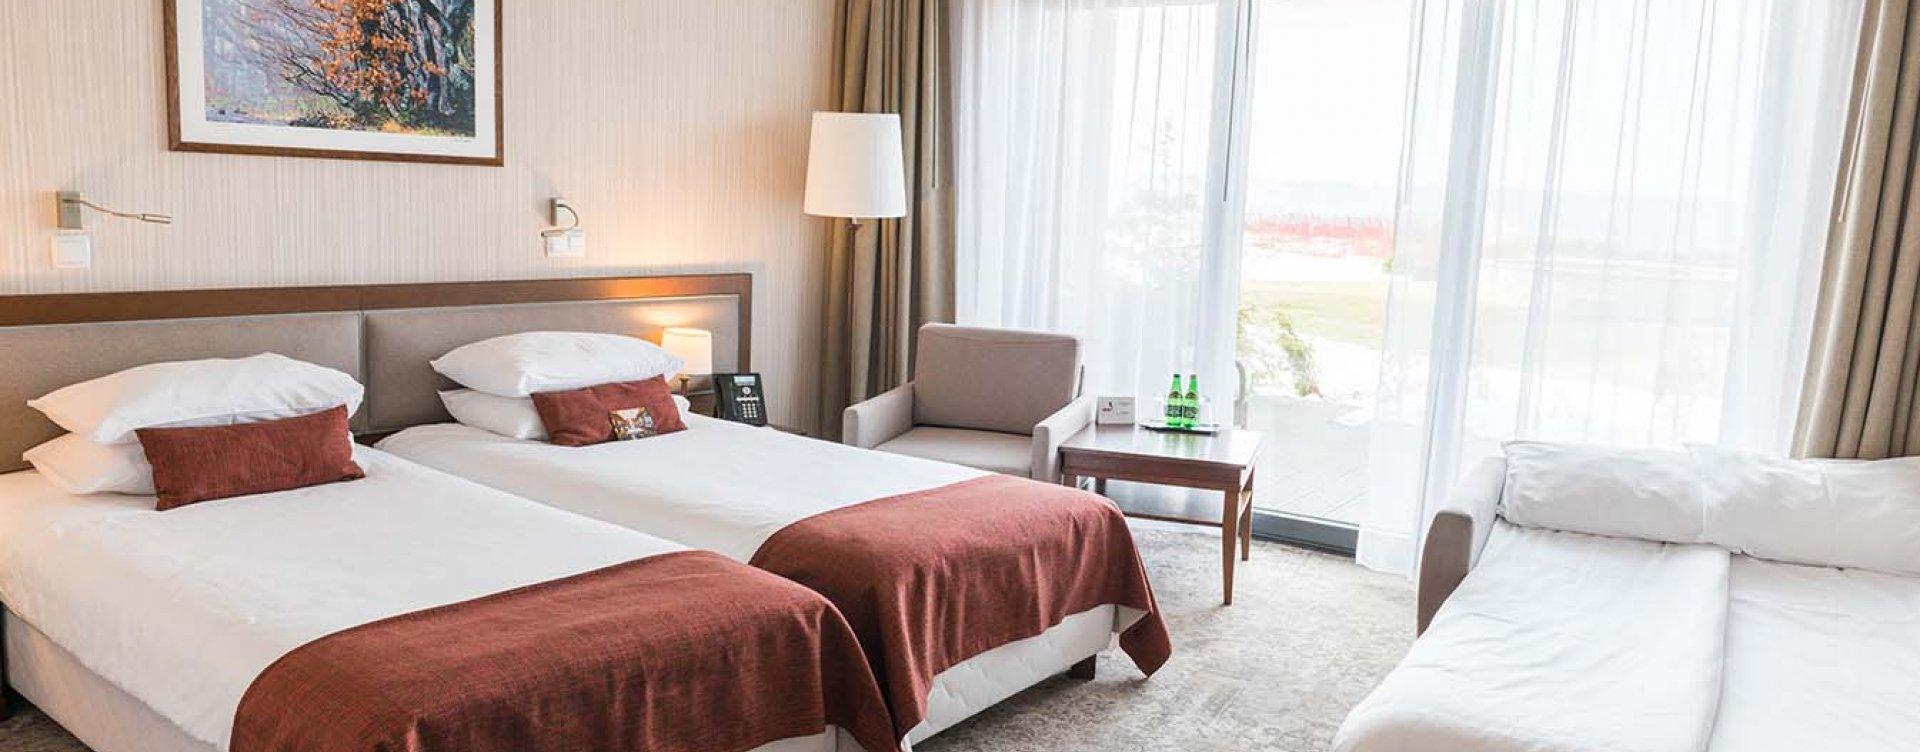 Pokój Family w Hotelu